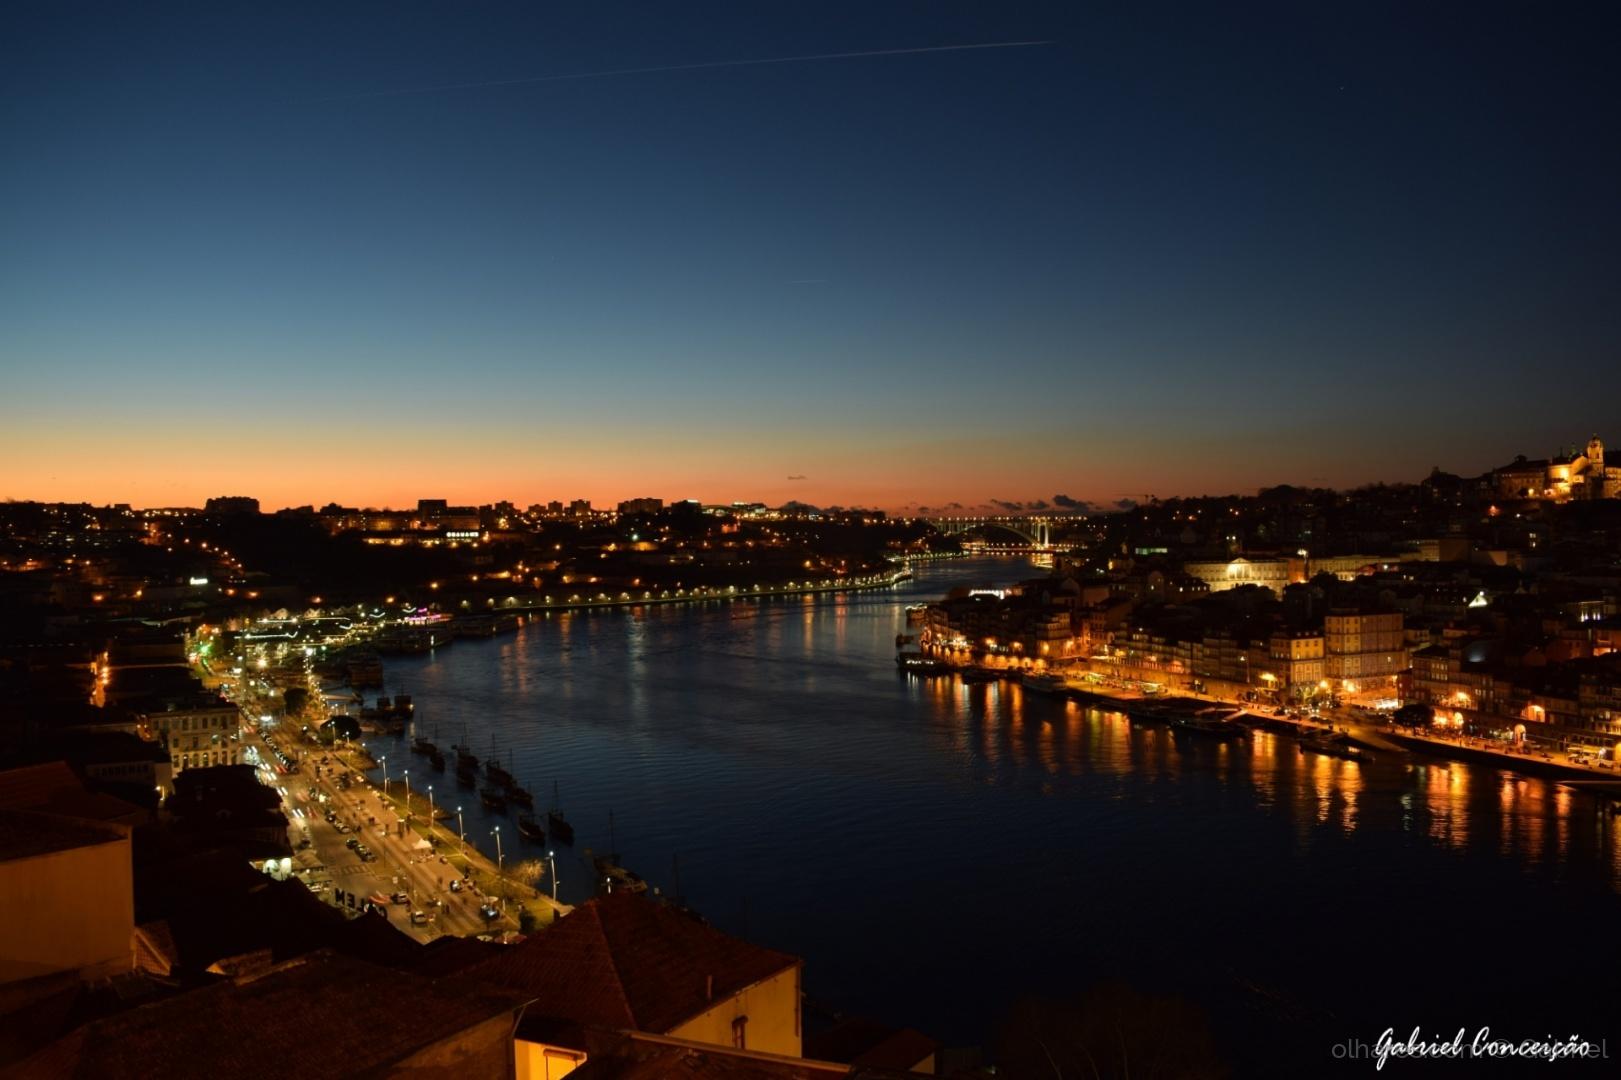 Paisagem Urbana/Douro River - Ponte D. Luís I